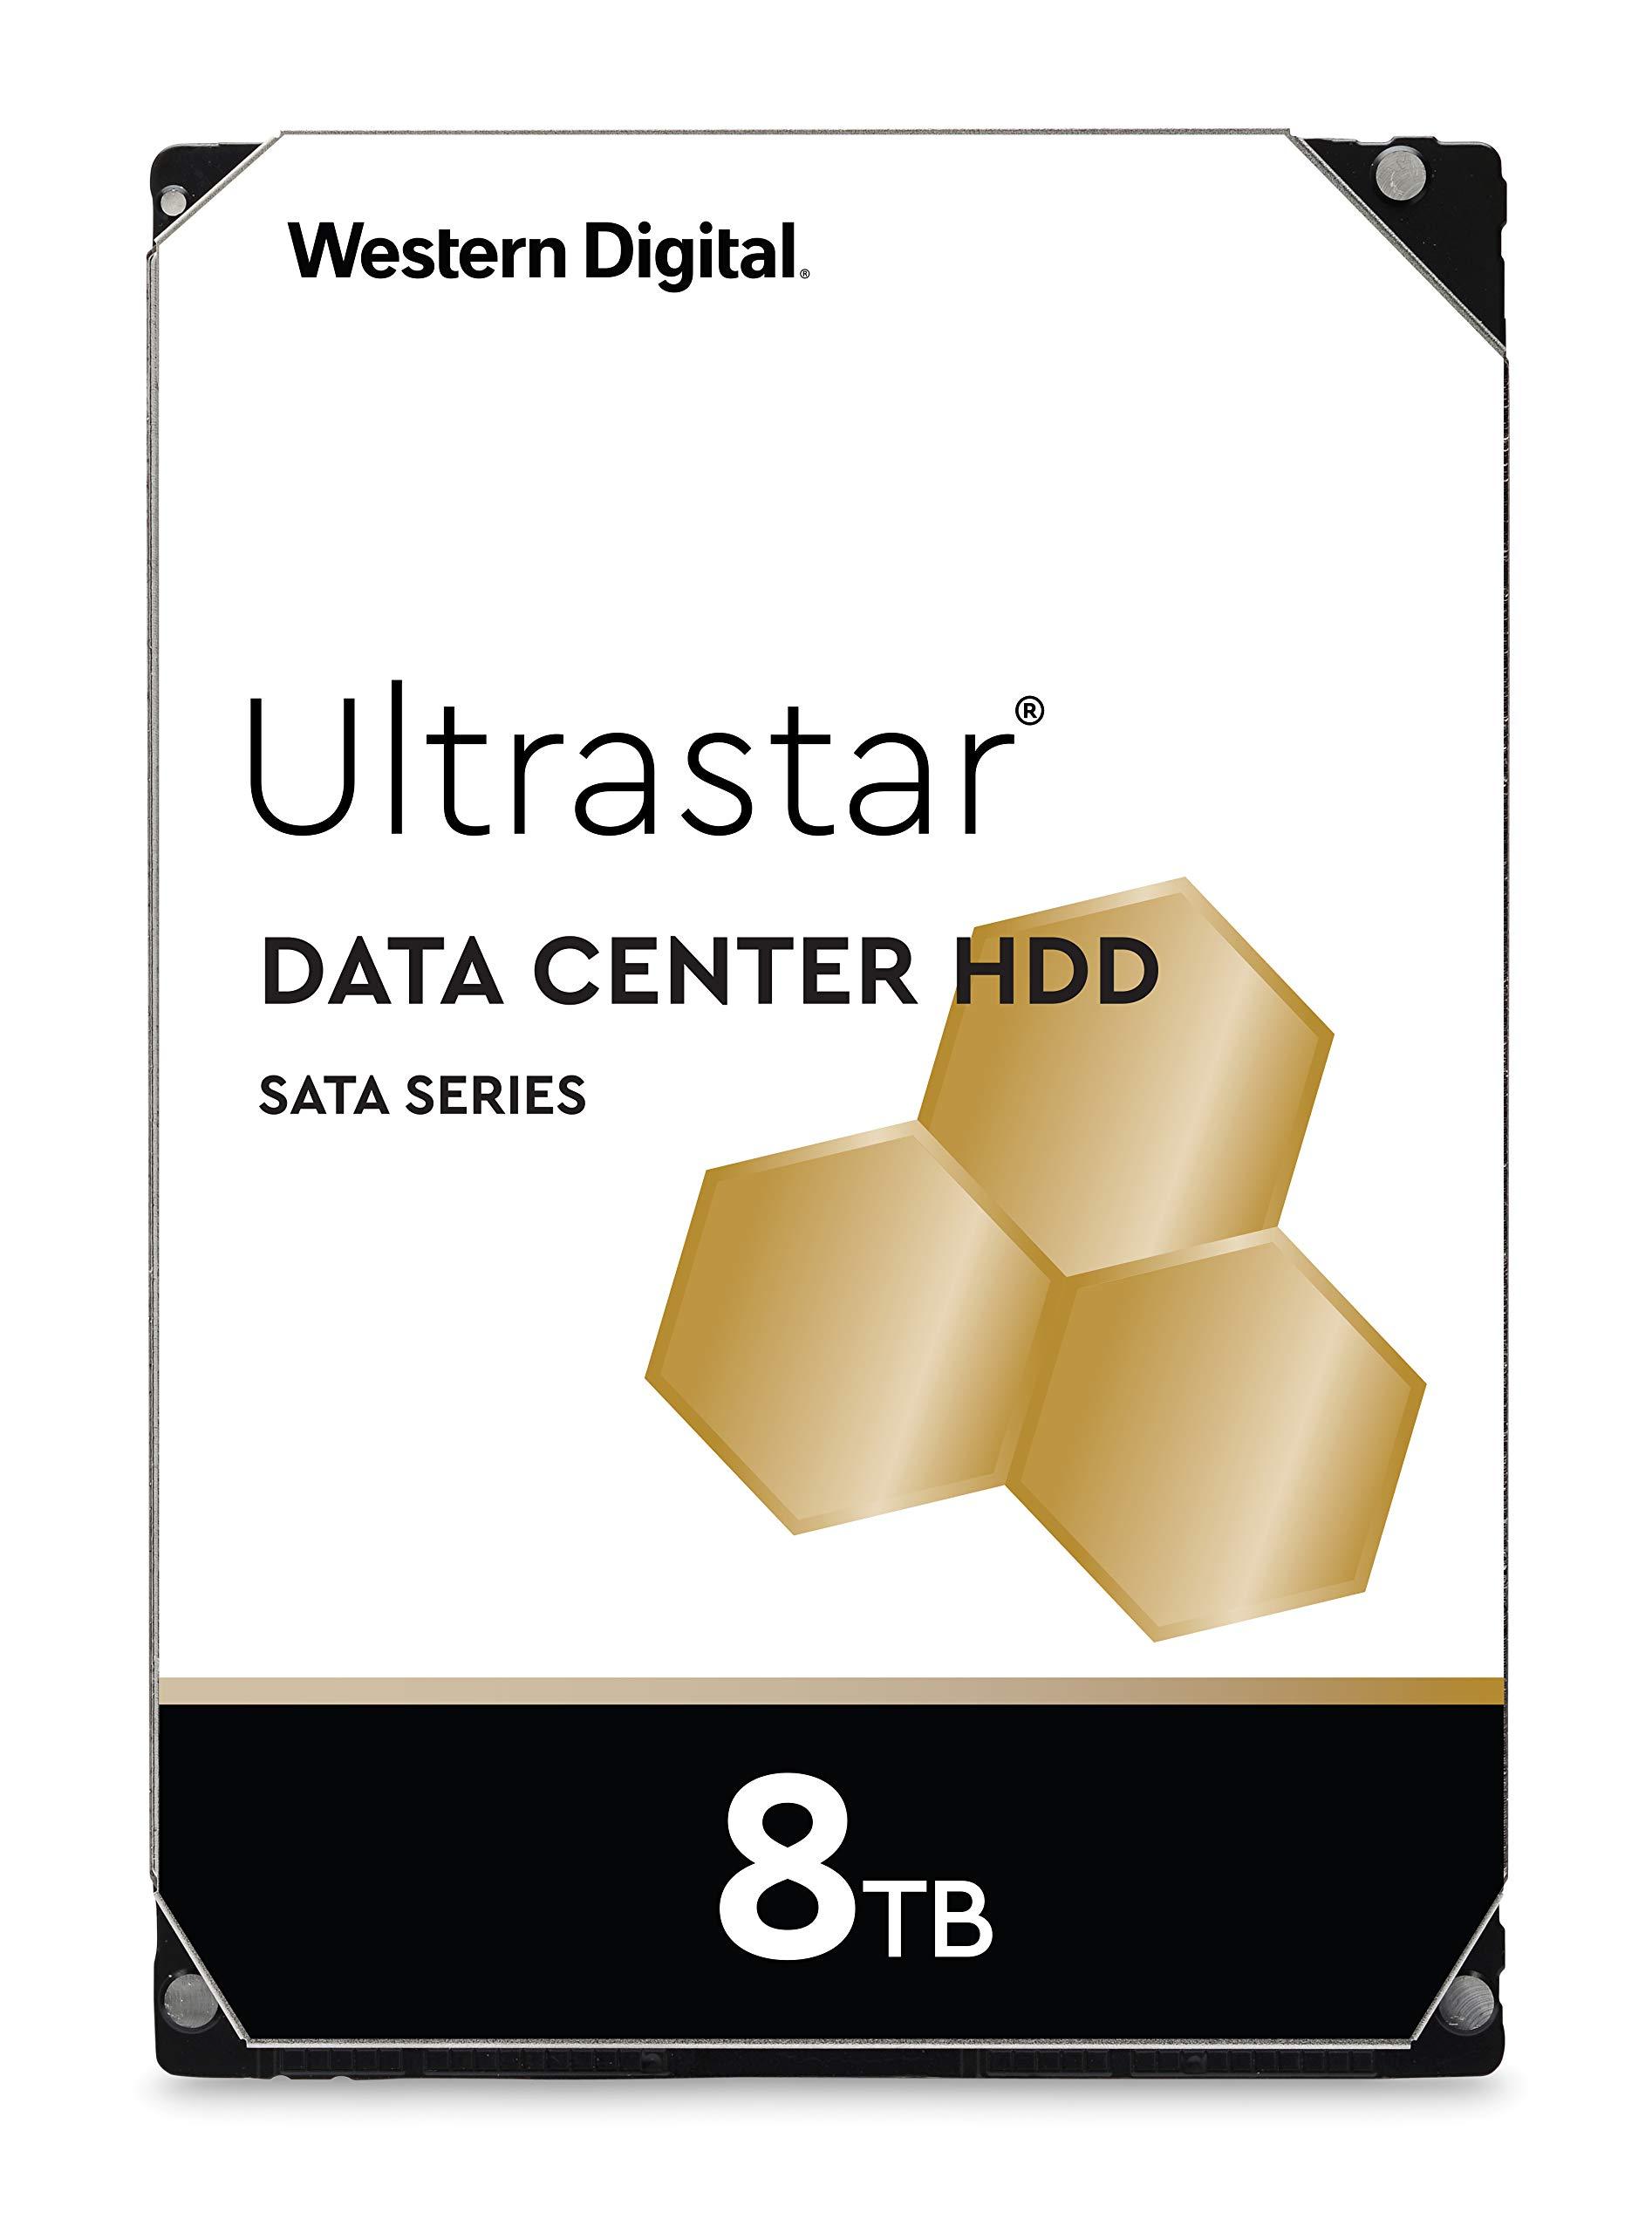 Western Digital 8TB Ultrastar DC HC320 SATA HDD - 7200 RPM Class, SATA 6 Gb/s, 256MB Cache, 3.5'' - HUS728T8TALE6L4 by Western Digital